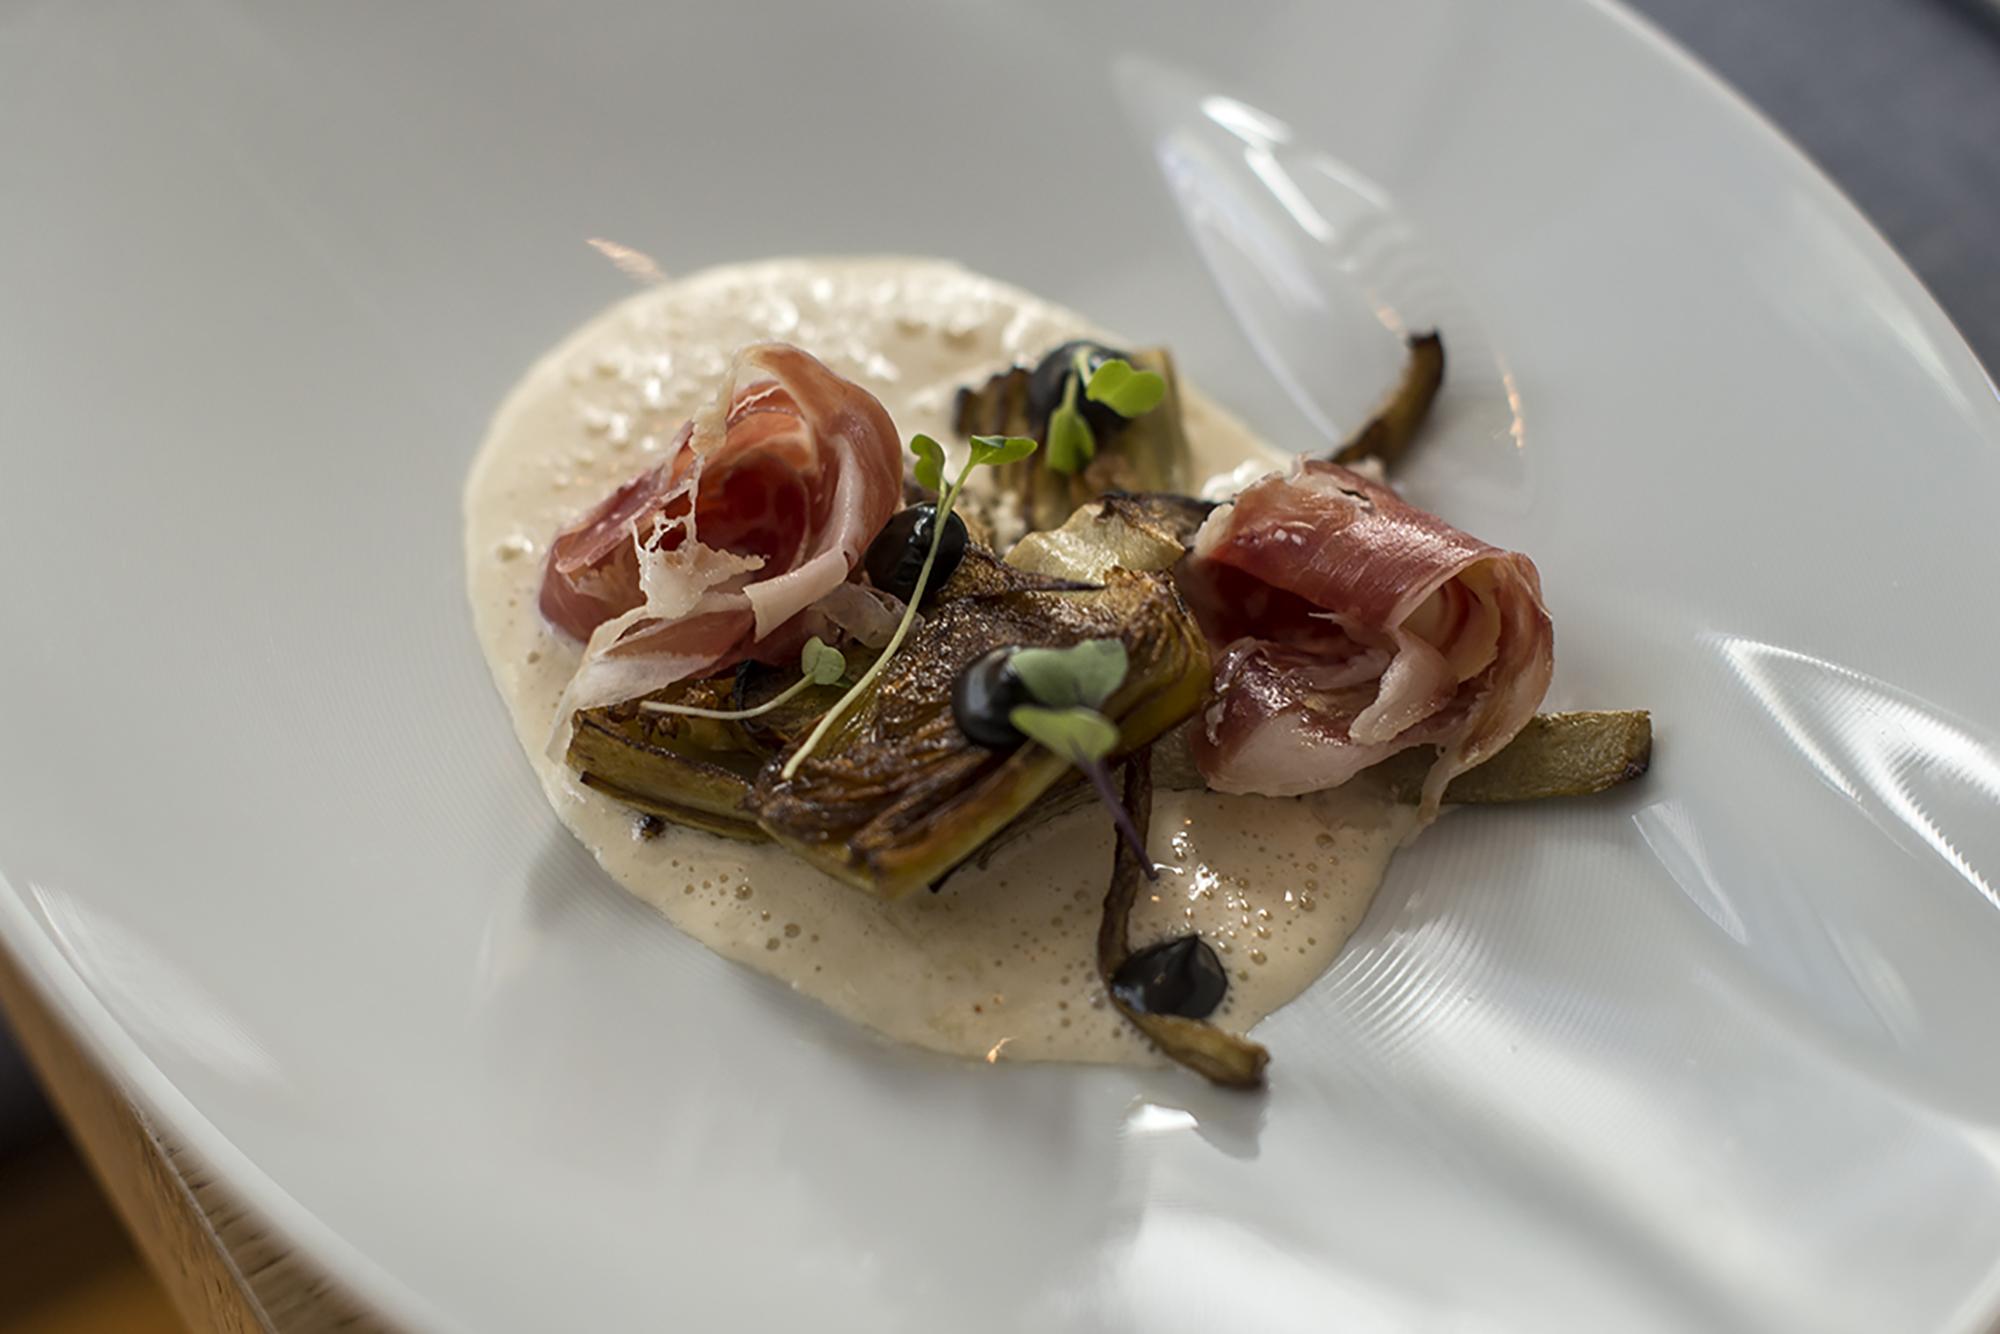 La alcachofa forma parte del logo del restaurante y siempre que están en temporada, sirven platos como este.